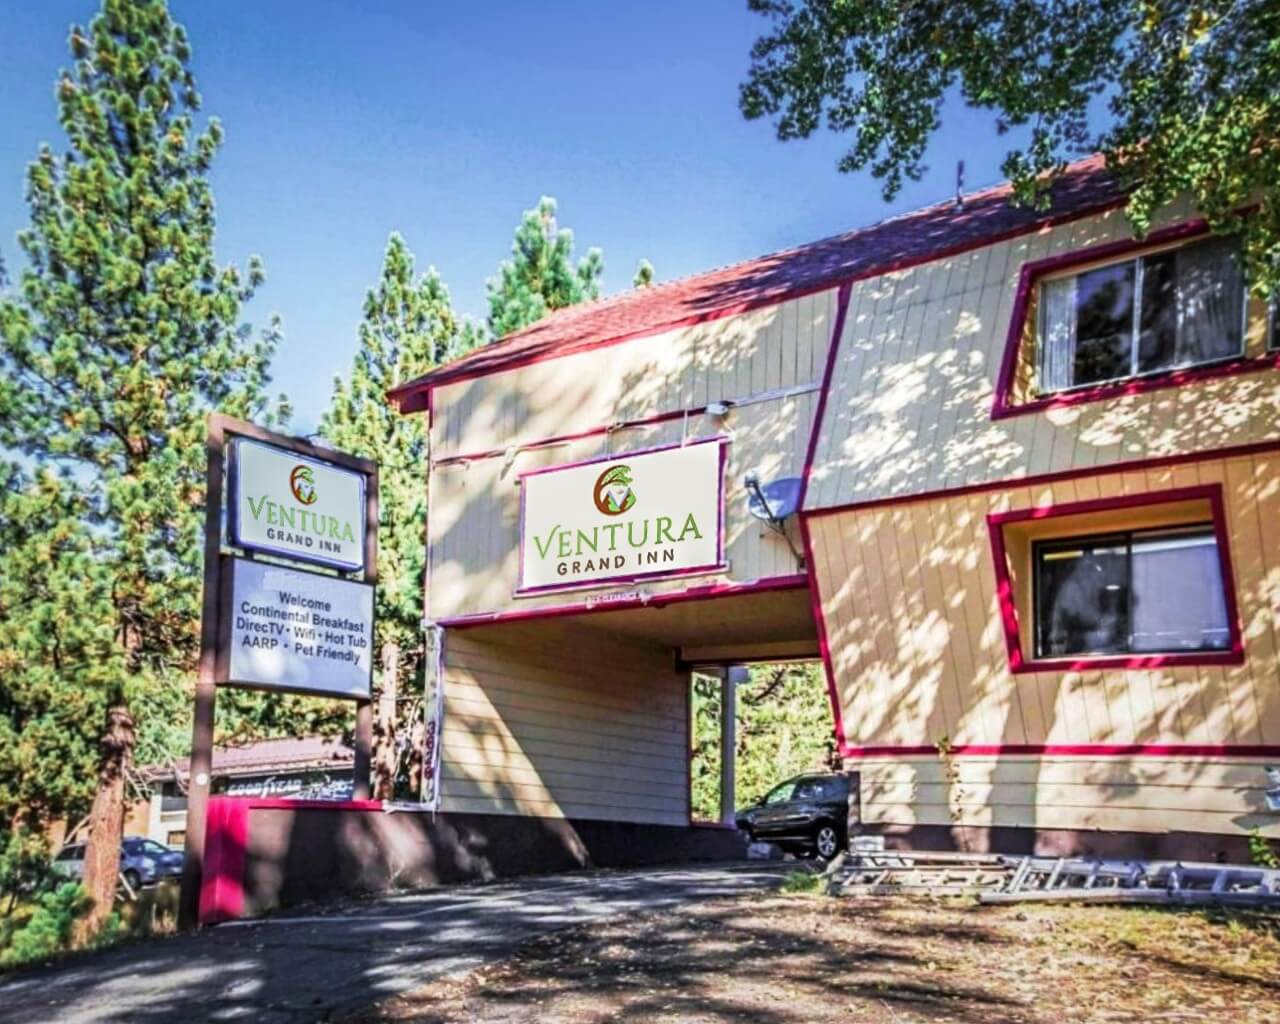 Ventura Grand Inn_Exterior1